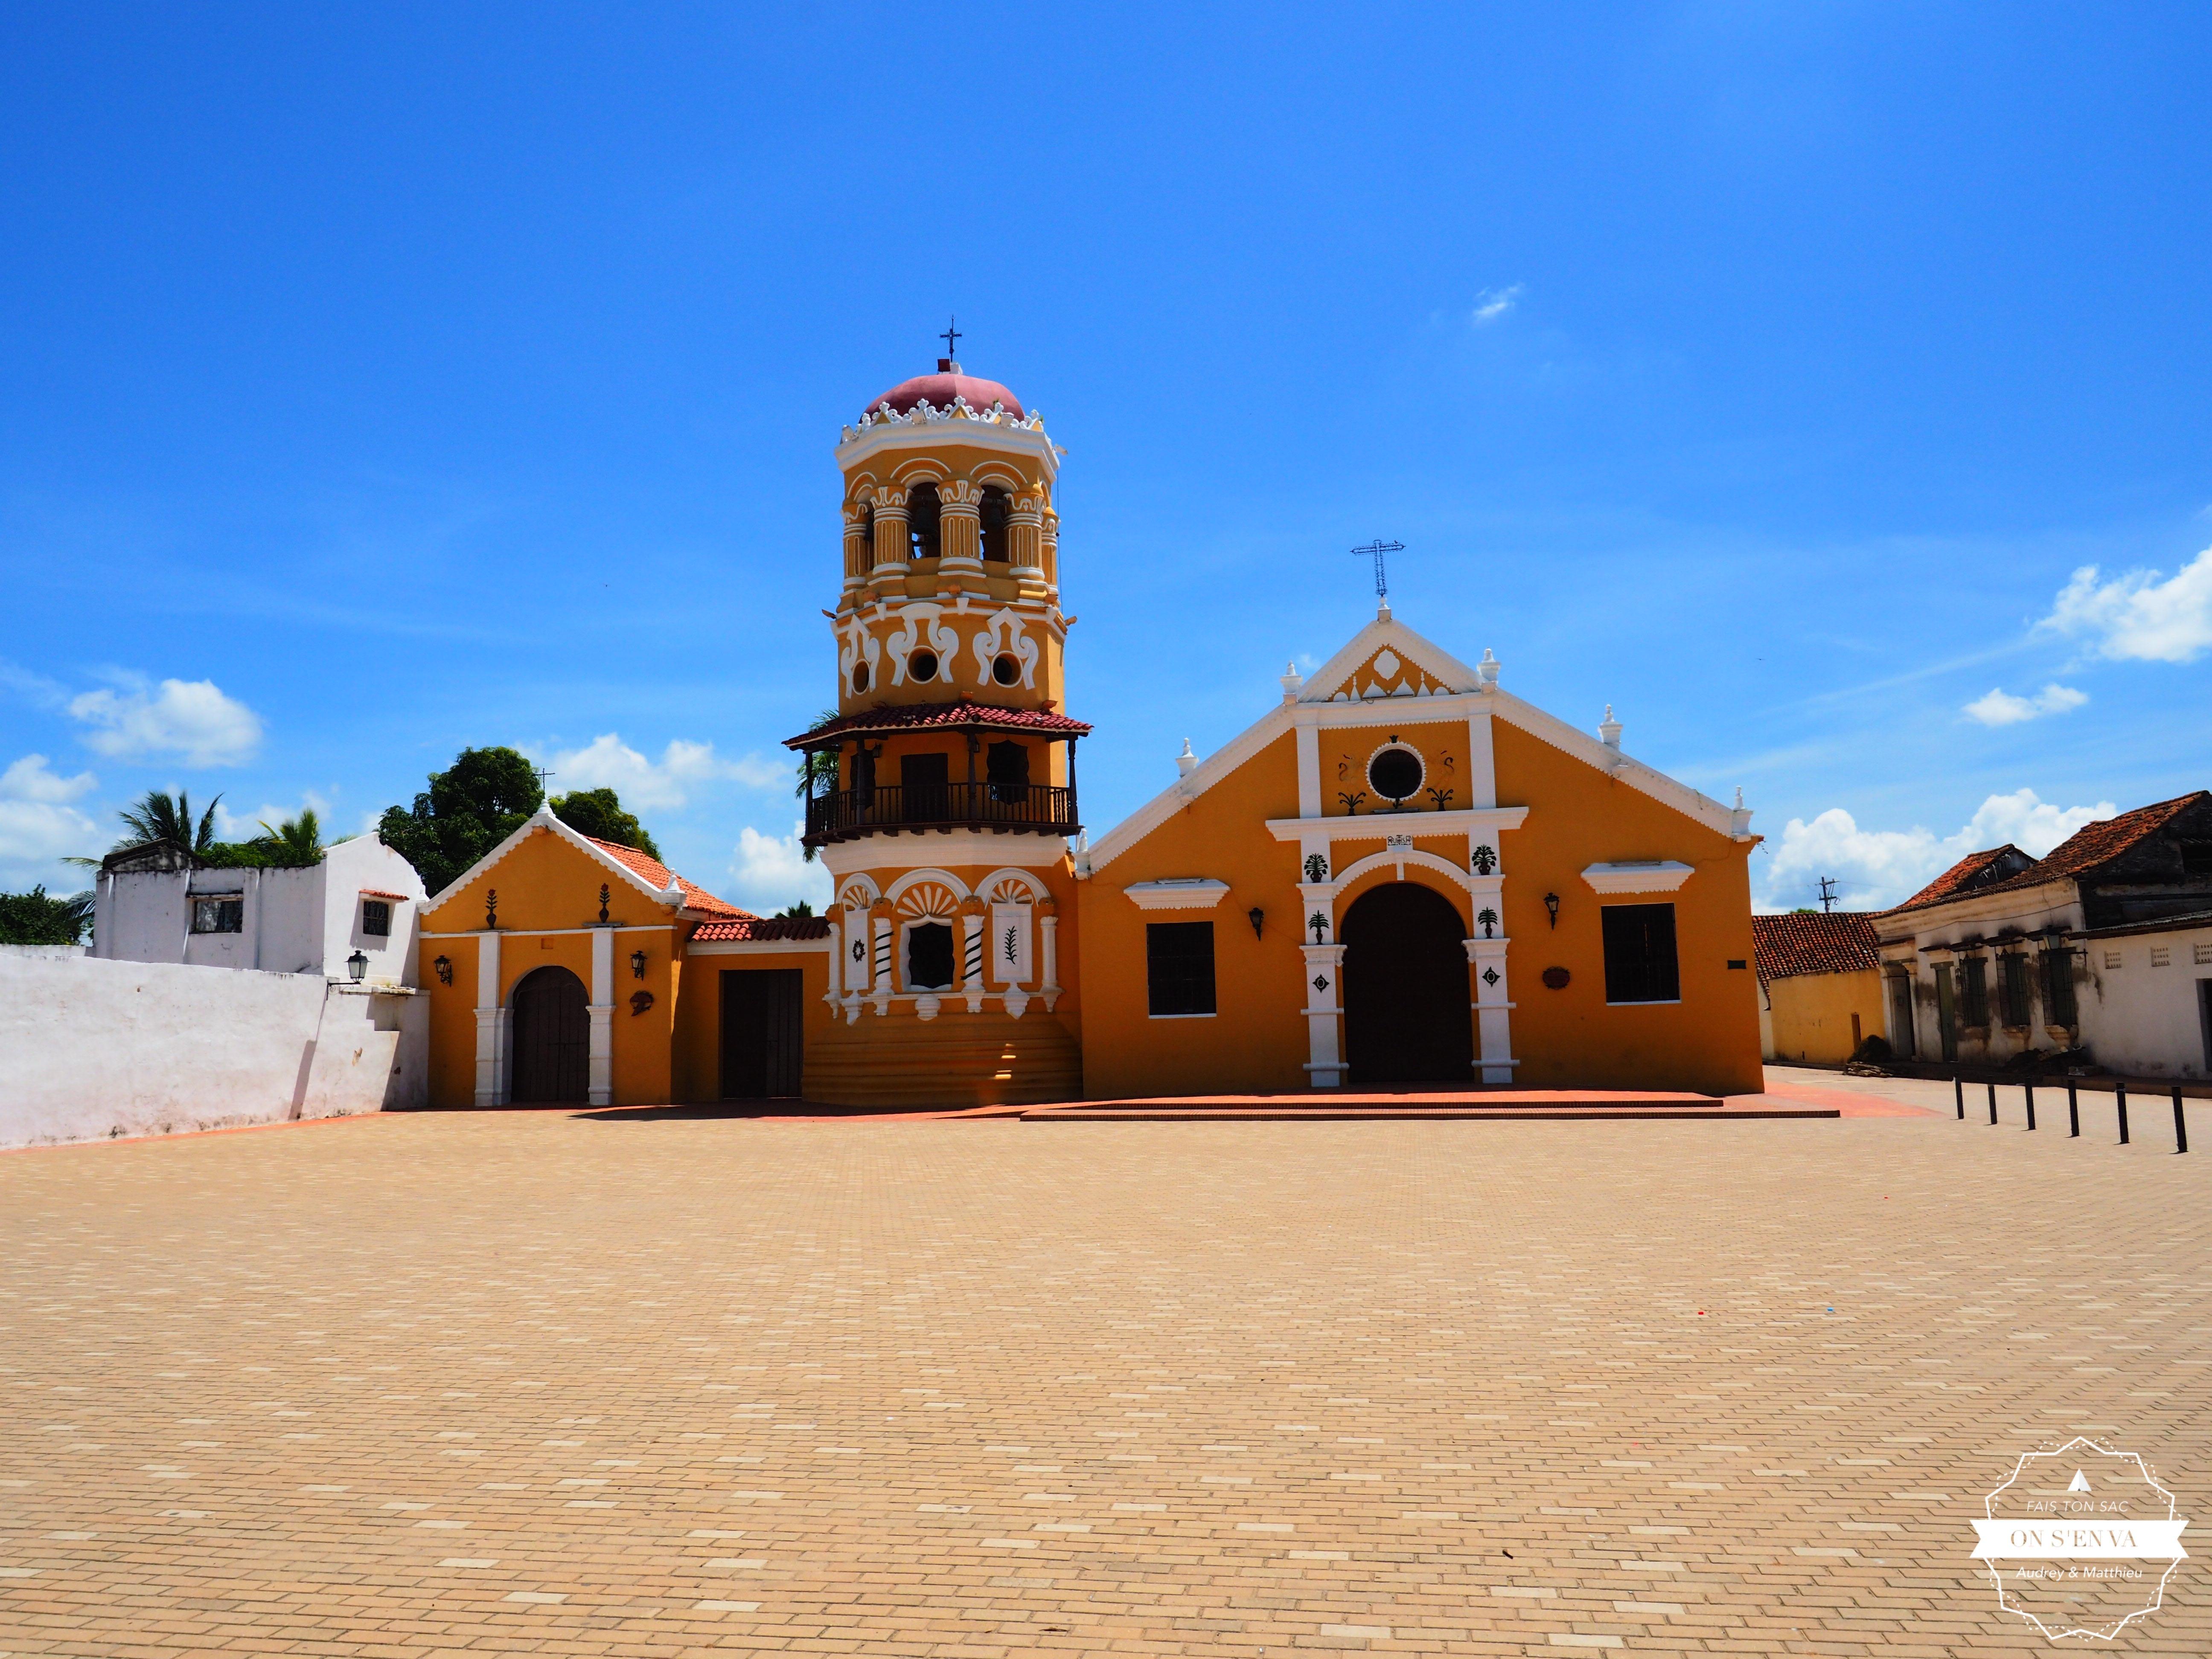 Une des nombreuses églises de Mompoz